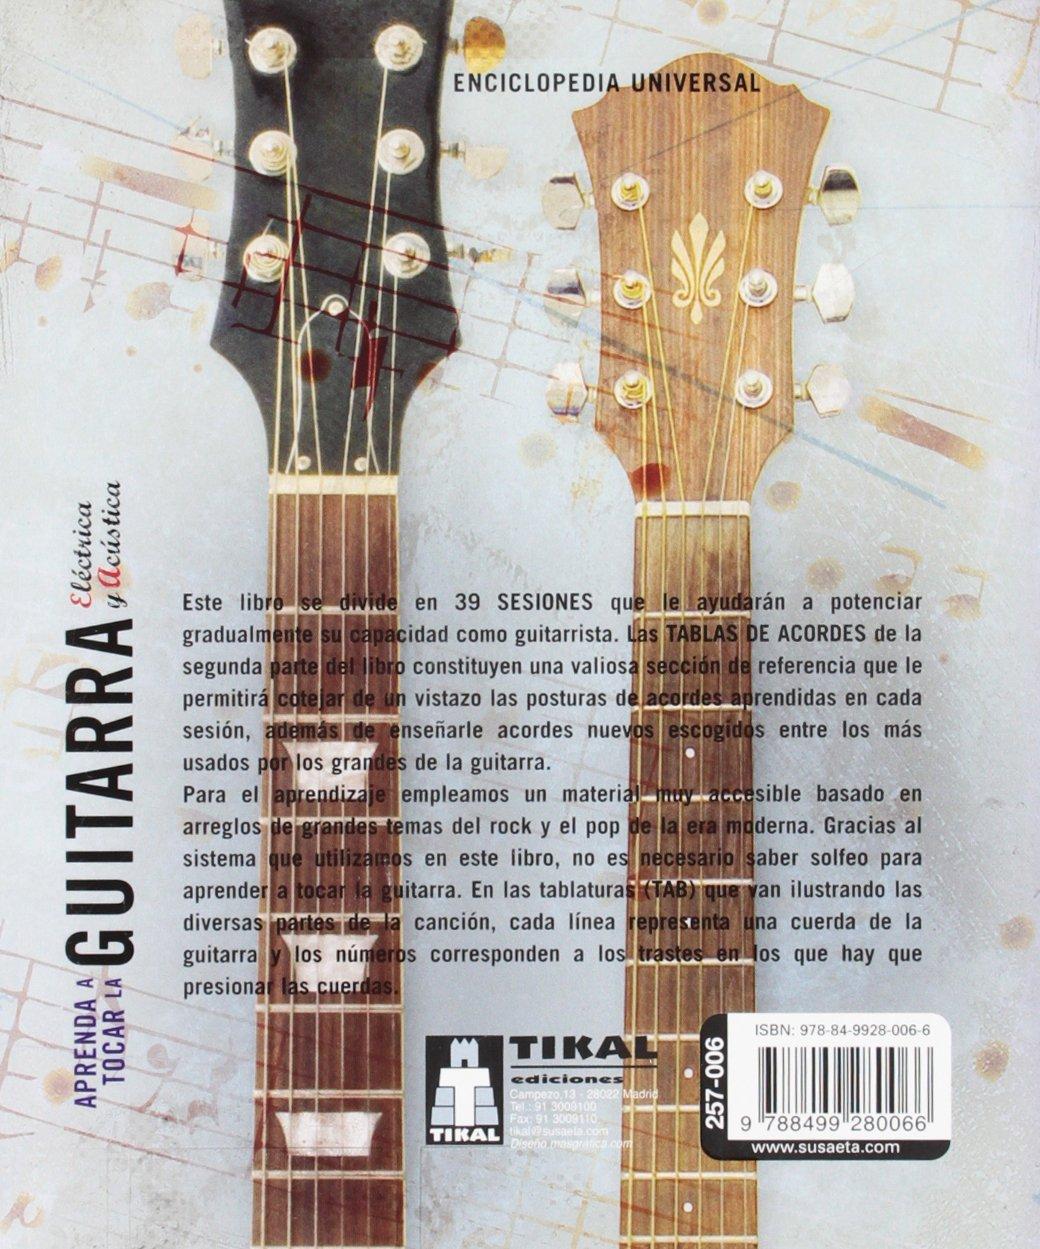 Aprenda A Tocar La Guitarra Electrica Y Clasica Enciclopedia Universal: Amazon.es: Tikal Ediciones S A: Libros